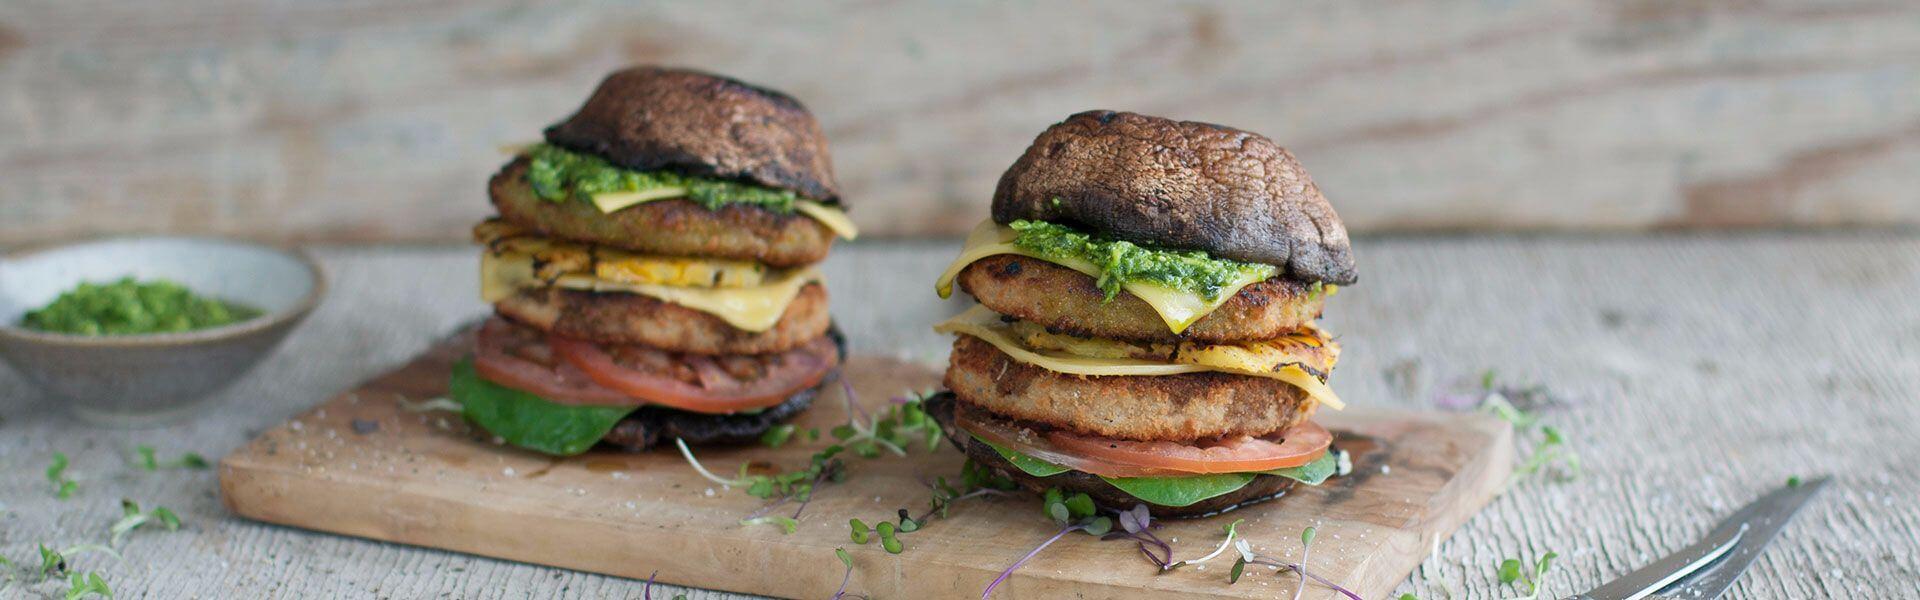 fry's braaied mushroom burger